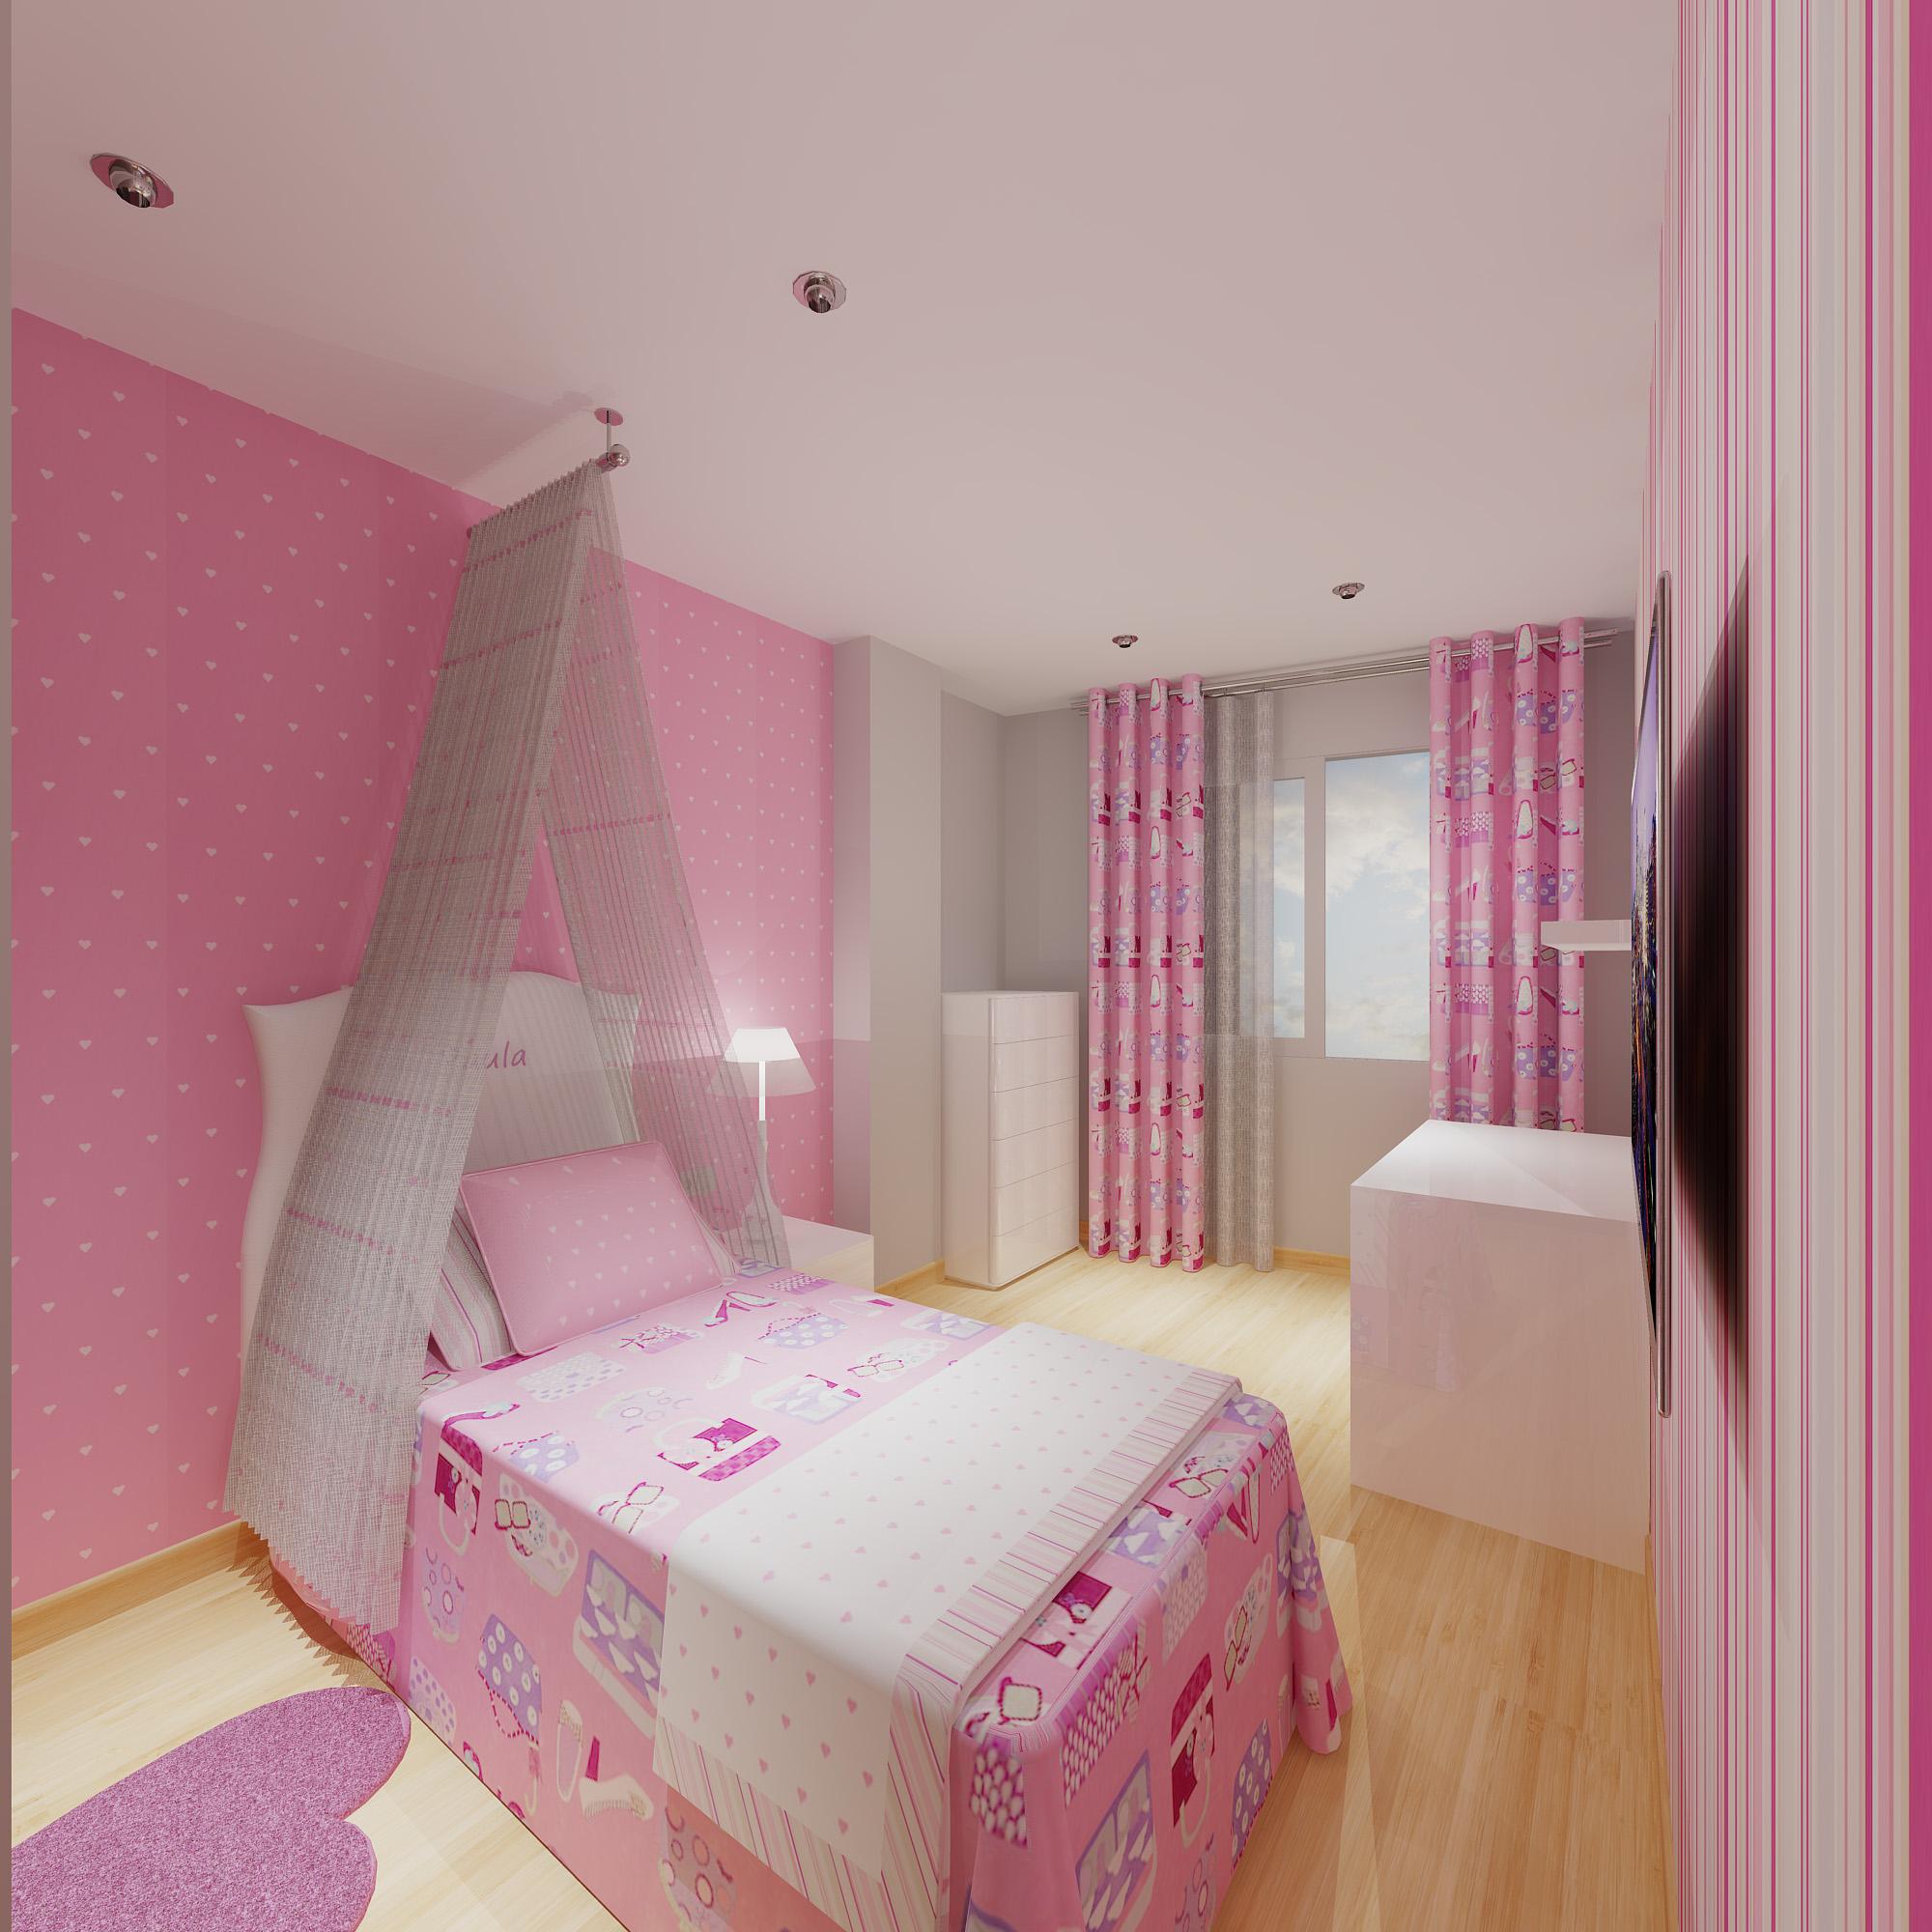 Un proyecto de habitaci n de ni as muy rom ntico villalba interiorismo - Dosel para cama nina ...